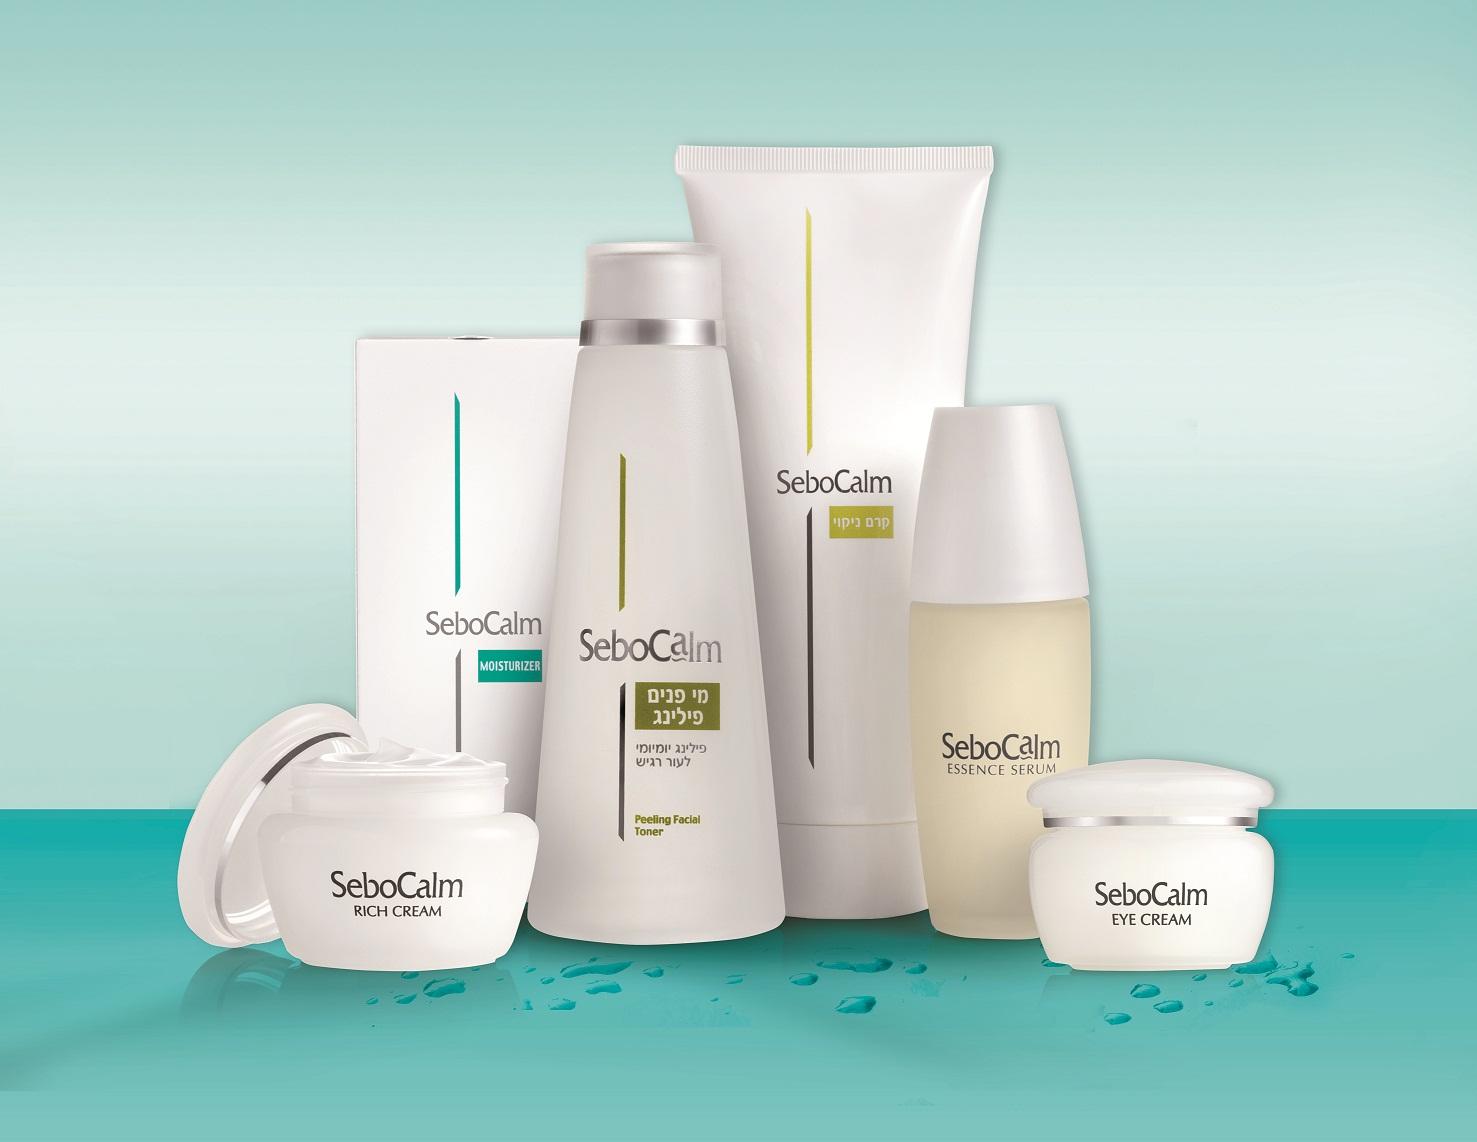 Косметика для красоты здоровой кожи SeboCalm